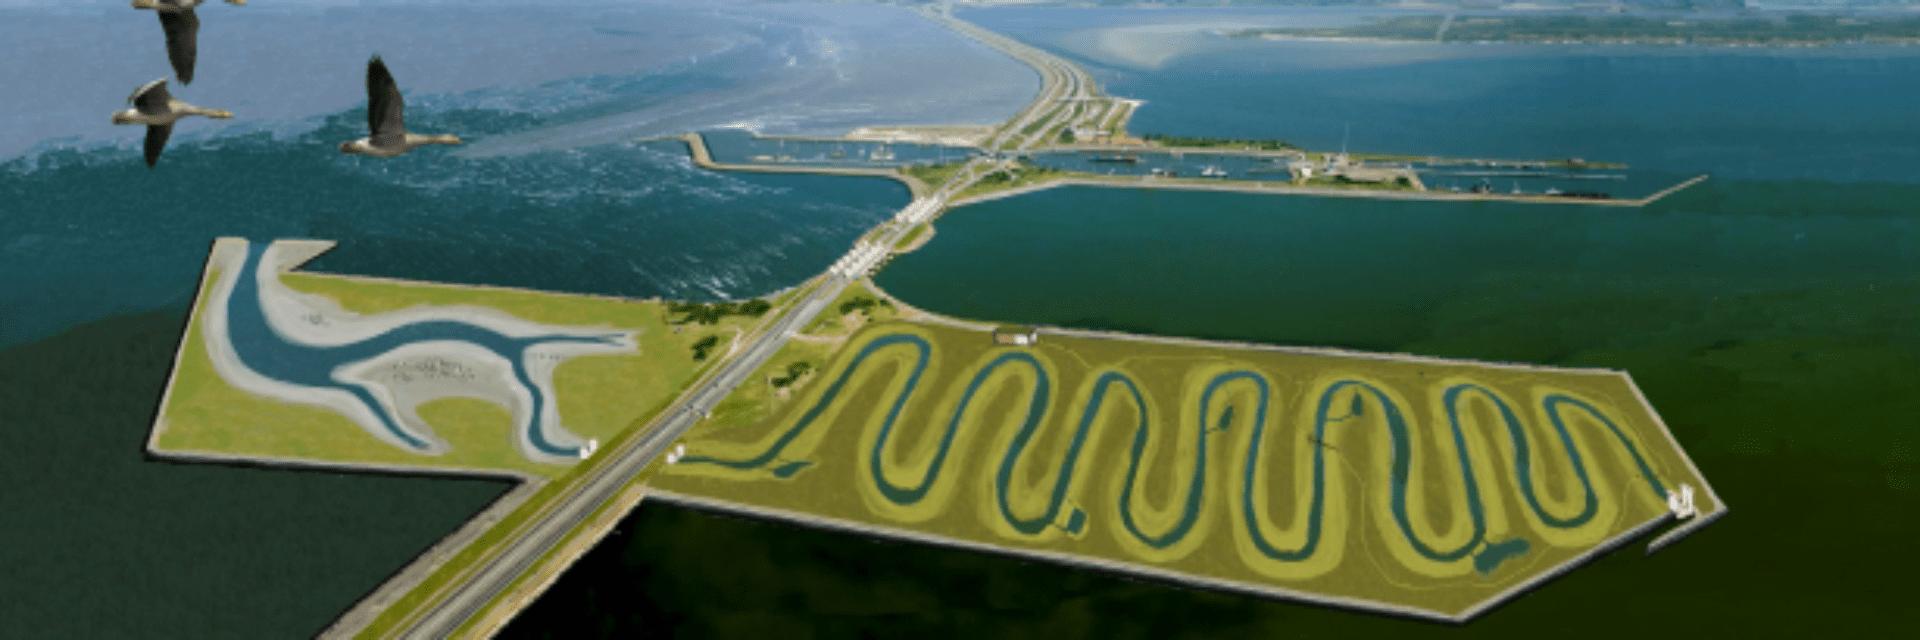 Impressie van de Vismigratierivier. Het is een 3D-tekening van de rivier. Je ziet de weg waar de vis door heen moet zwemmen. Links boven vliegen drie zeemeeuwen.